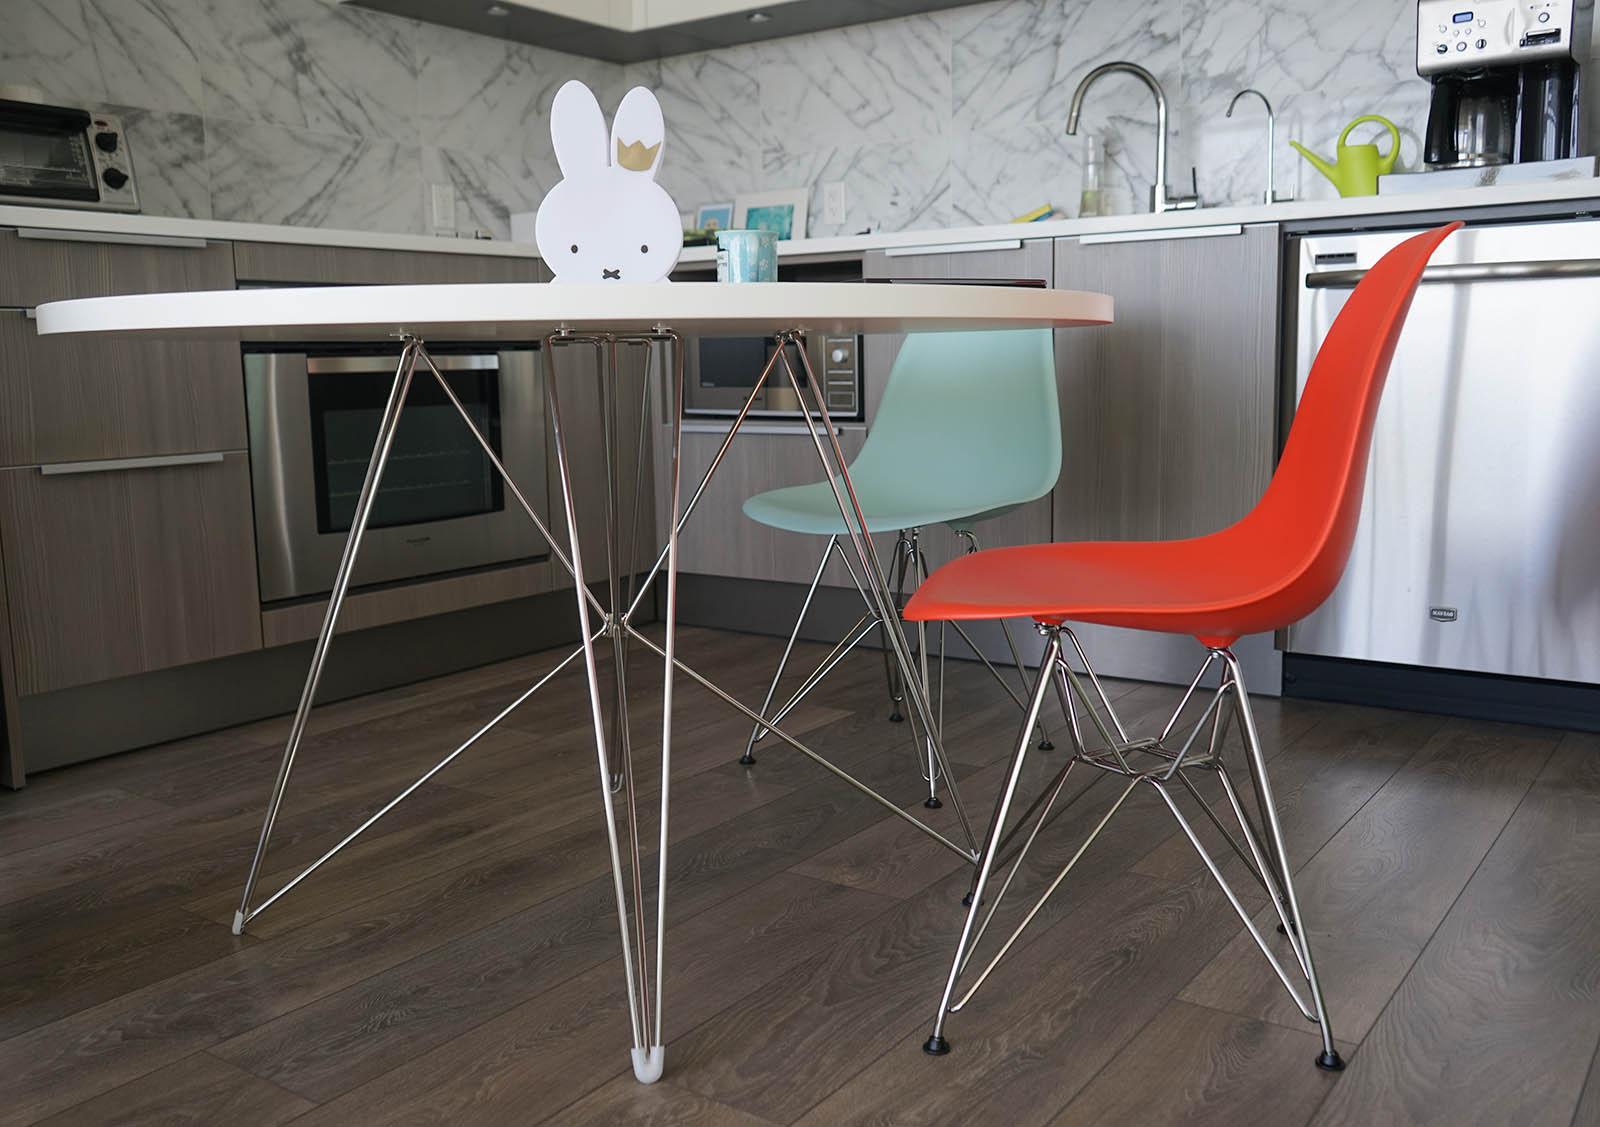 Dining area furniture